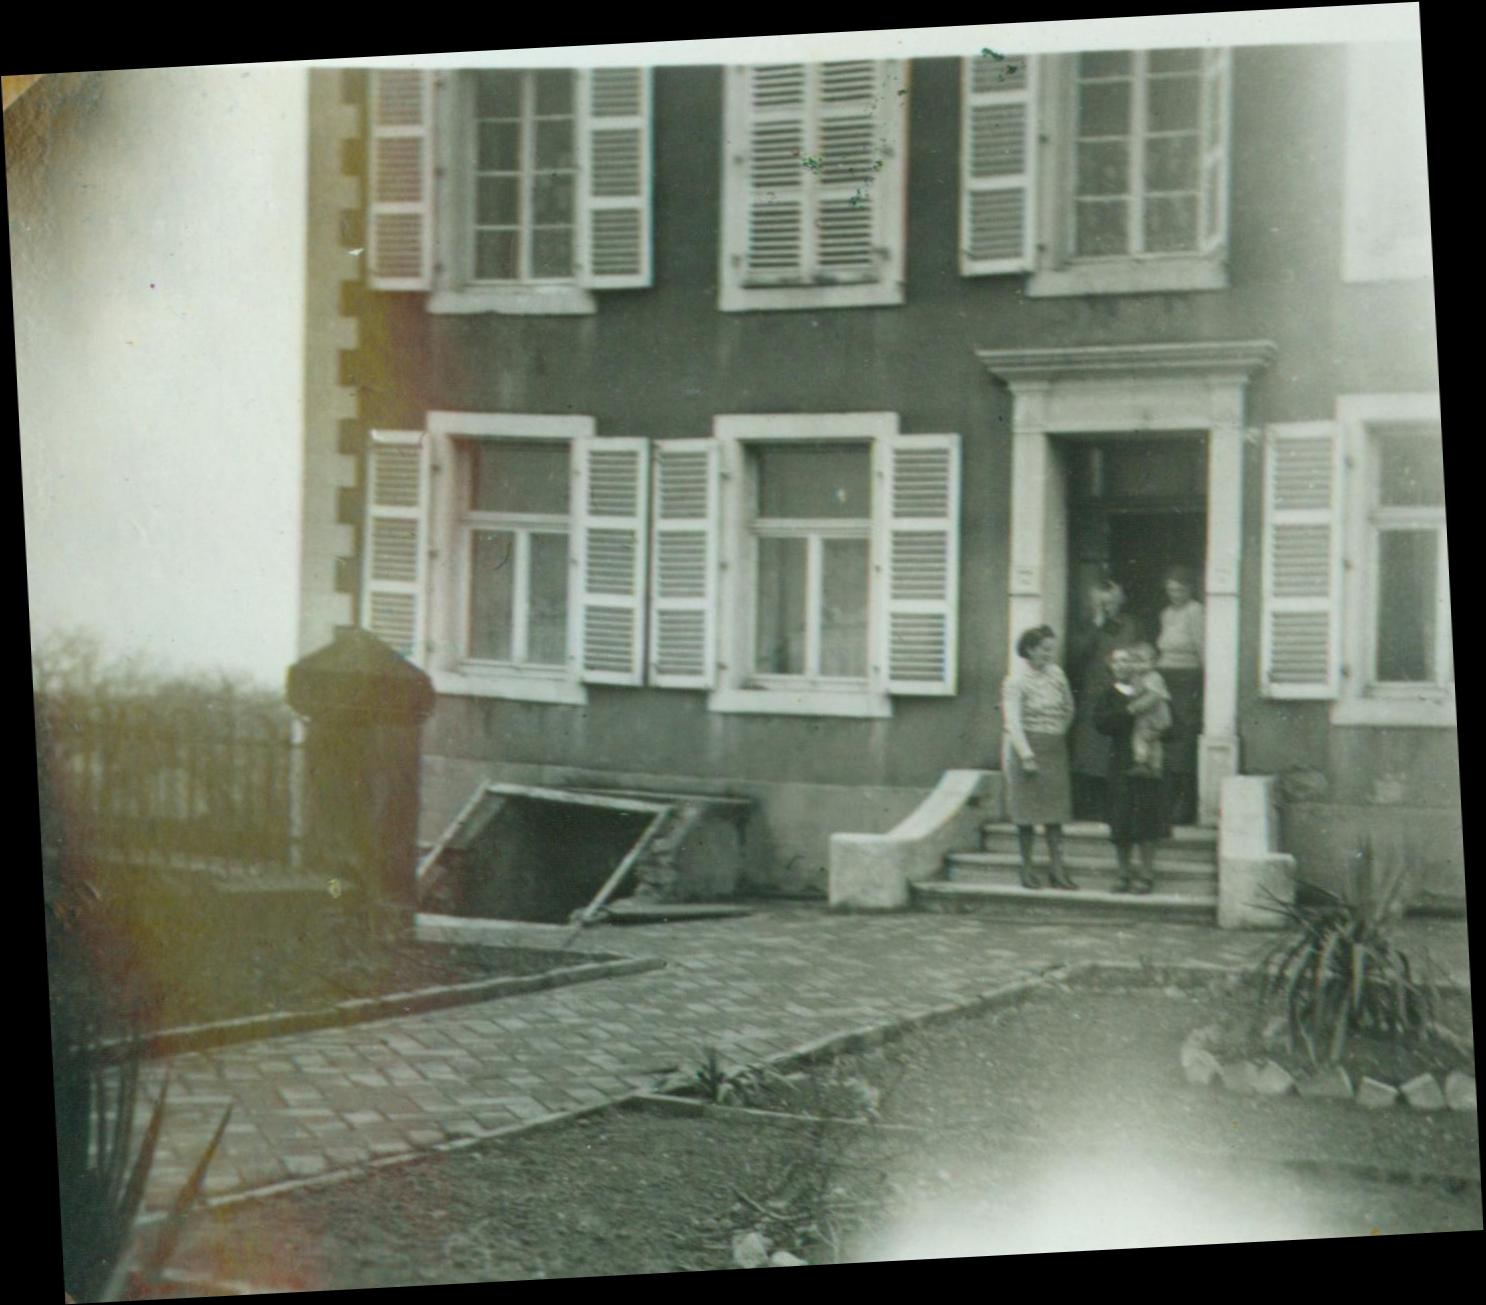 Hofgebäude um 1945 gedreht